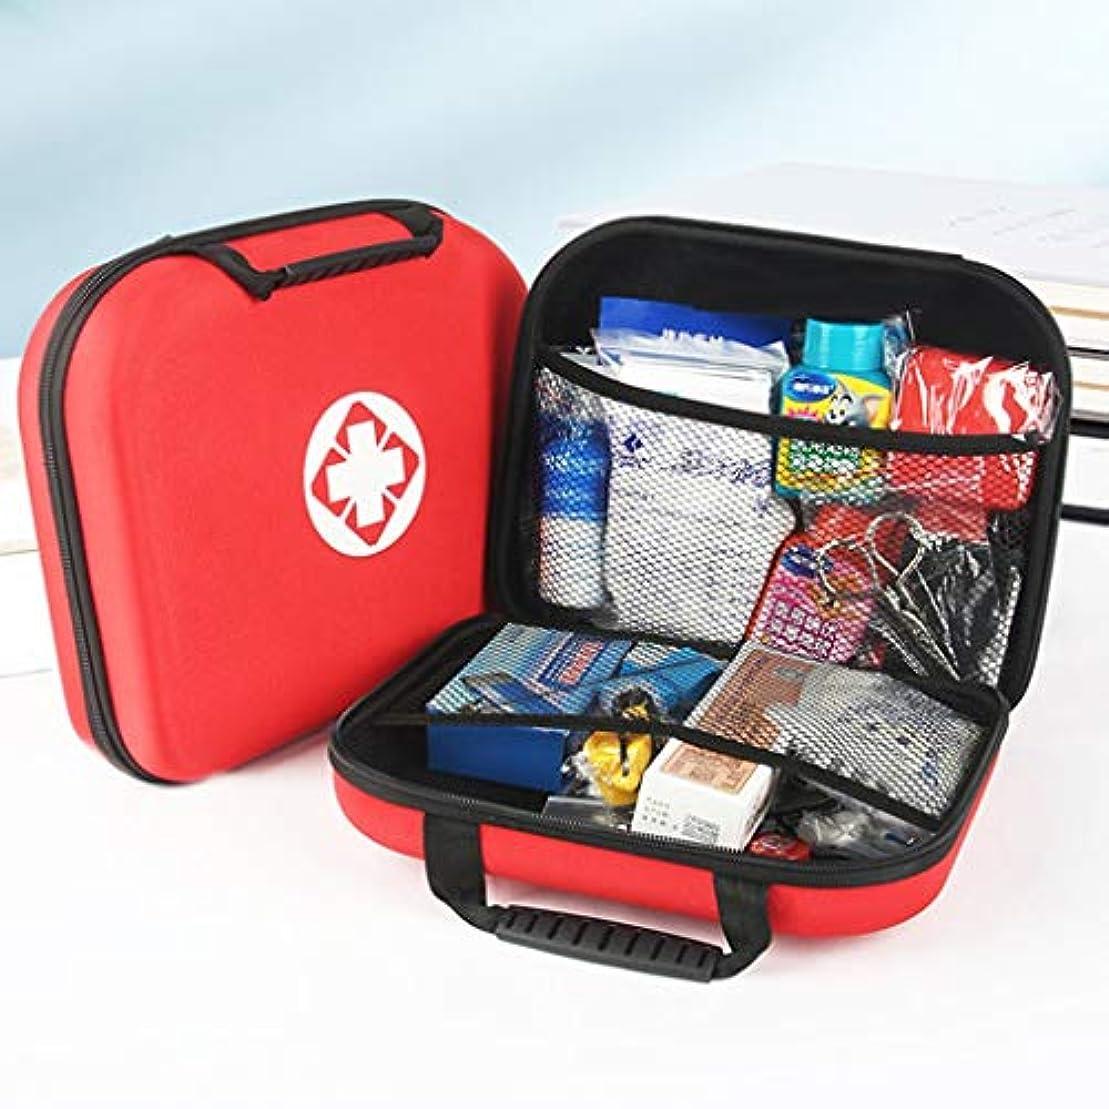 アーチ反映する固有のYANGBM 救急箱の屋外旅行の携帯用車の医療用キットの小さい箱の火の地震緊急のキット